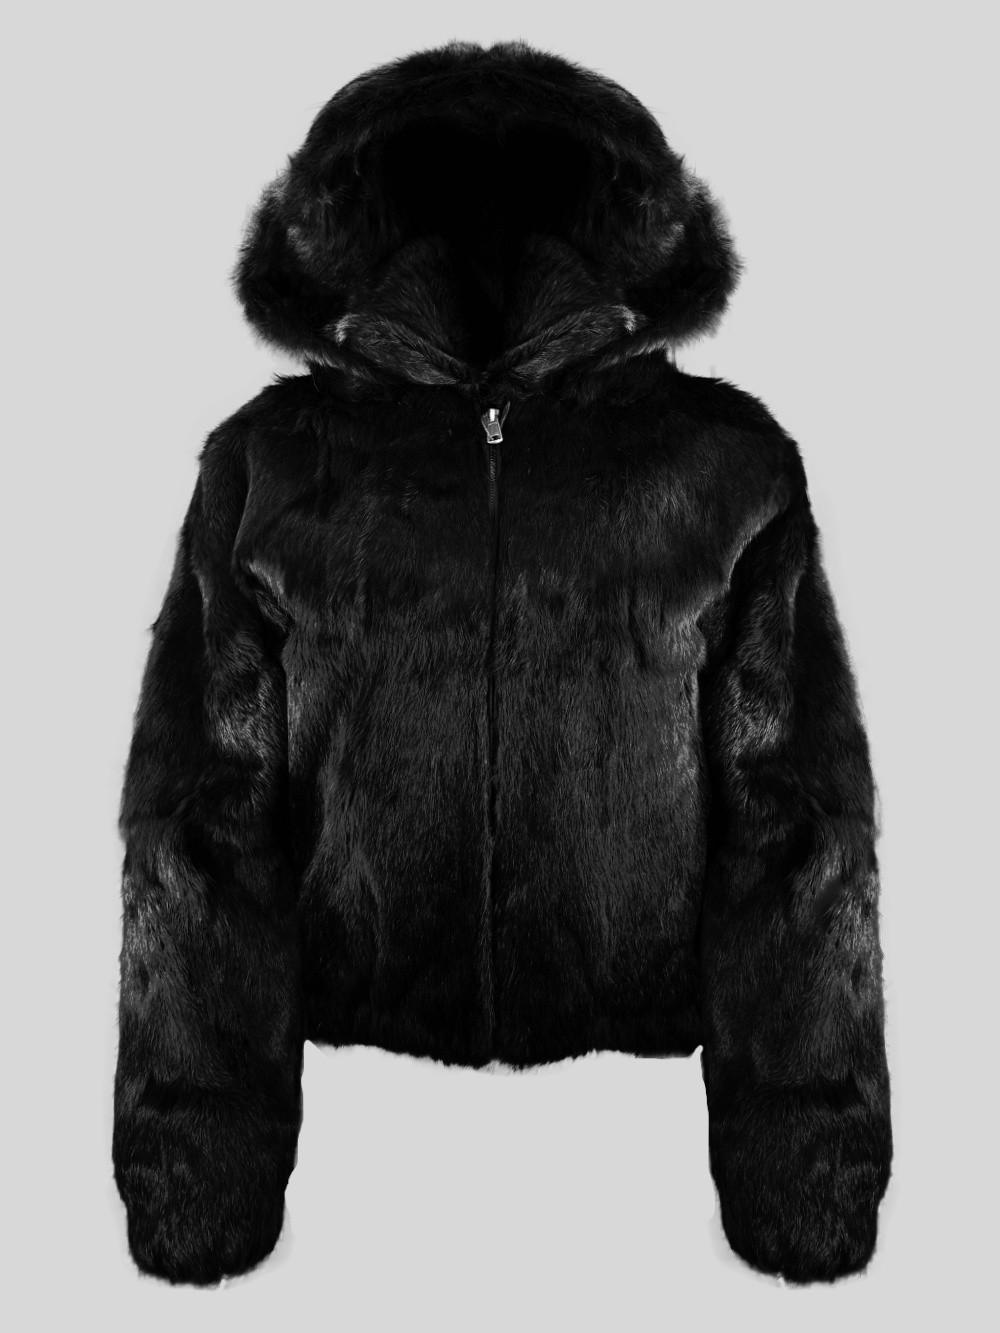 09d121cb5 Women's Full Skin Rabbit Bomber with Detachable Hood in Black